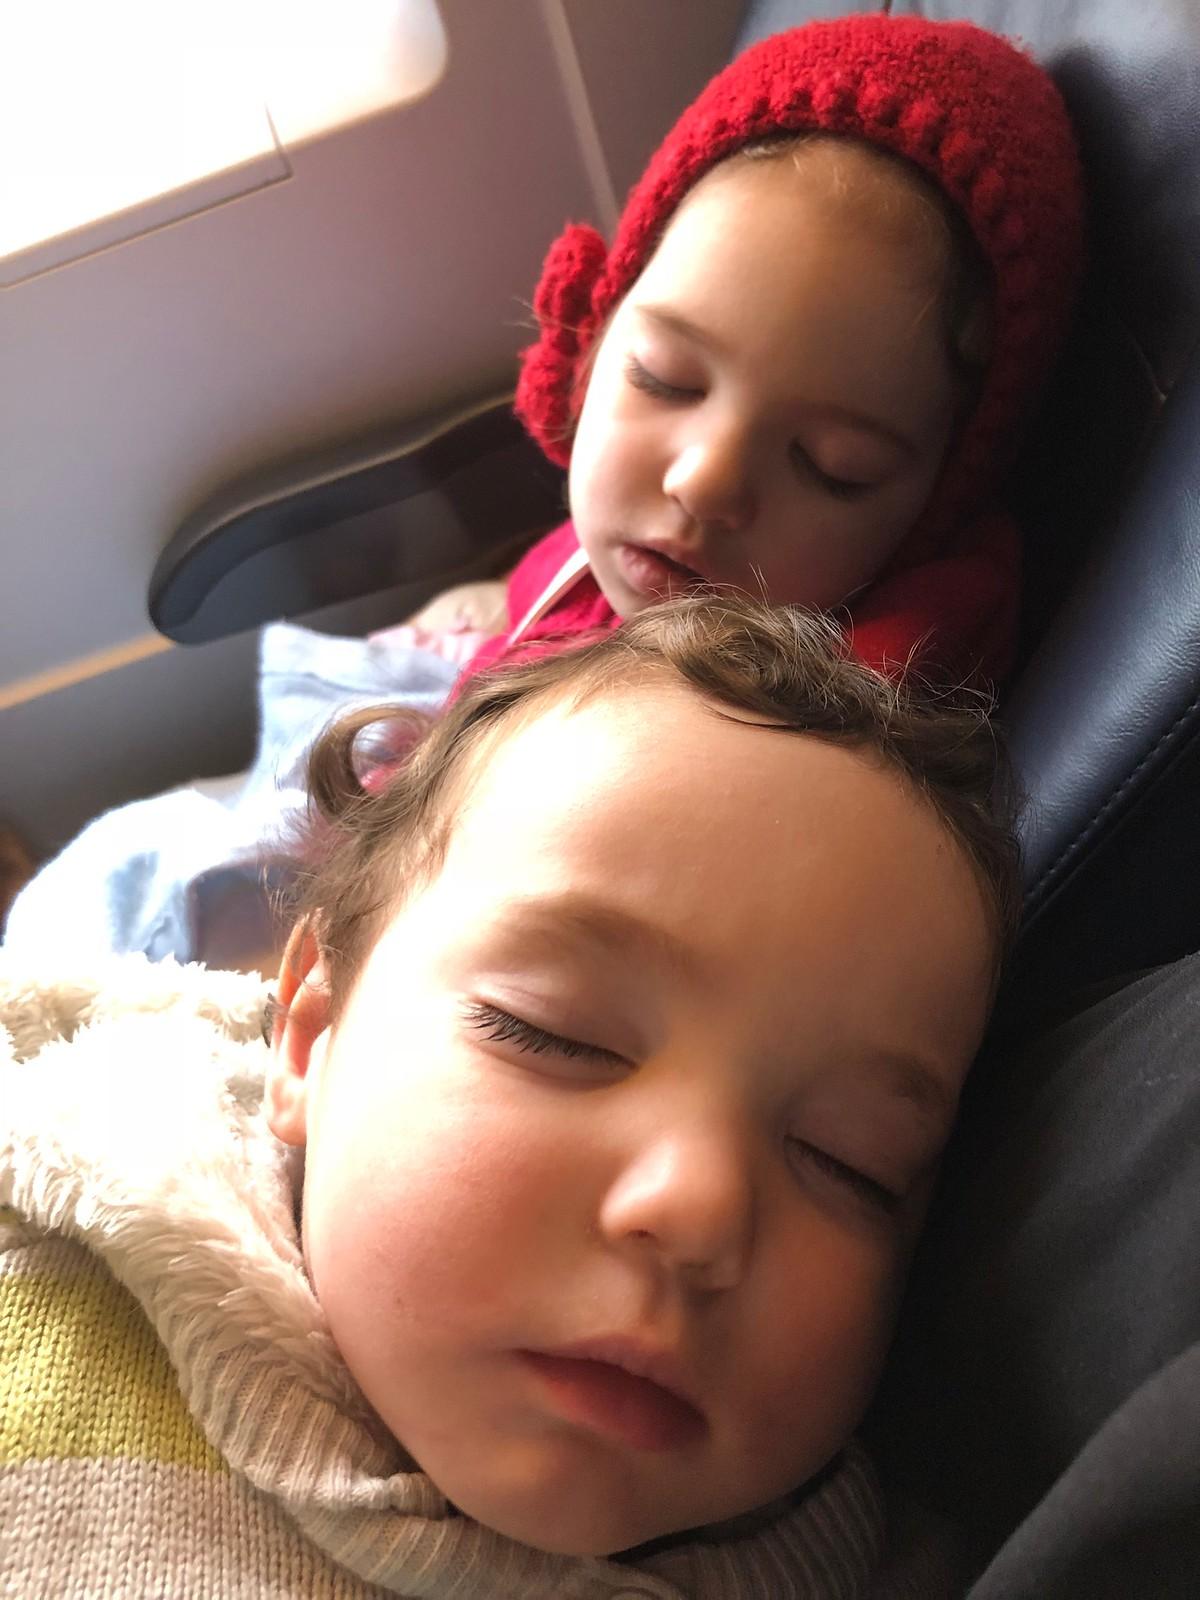 Uno de esos mágicos momentos en el que ambos duermen. ¡Que nadie respire!